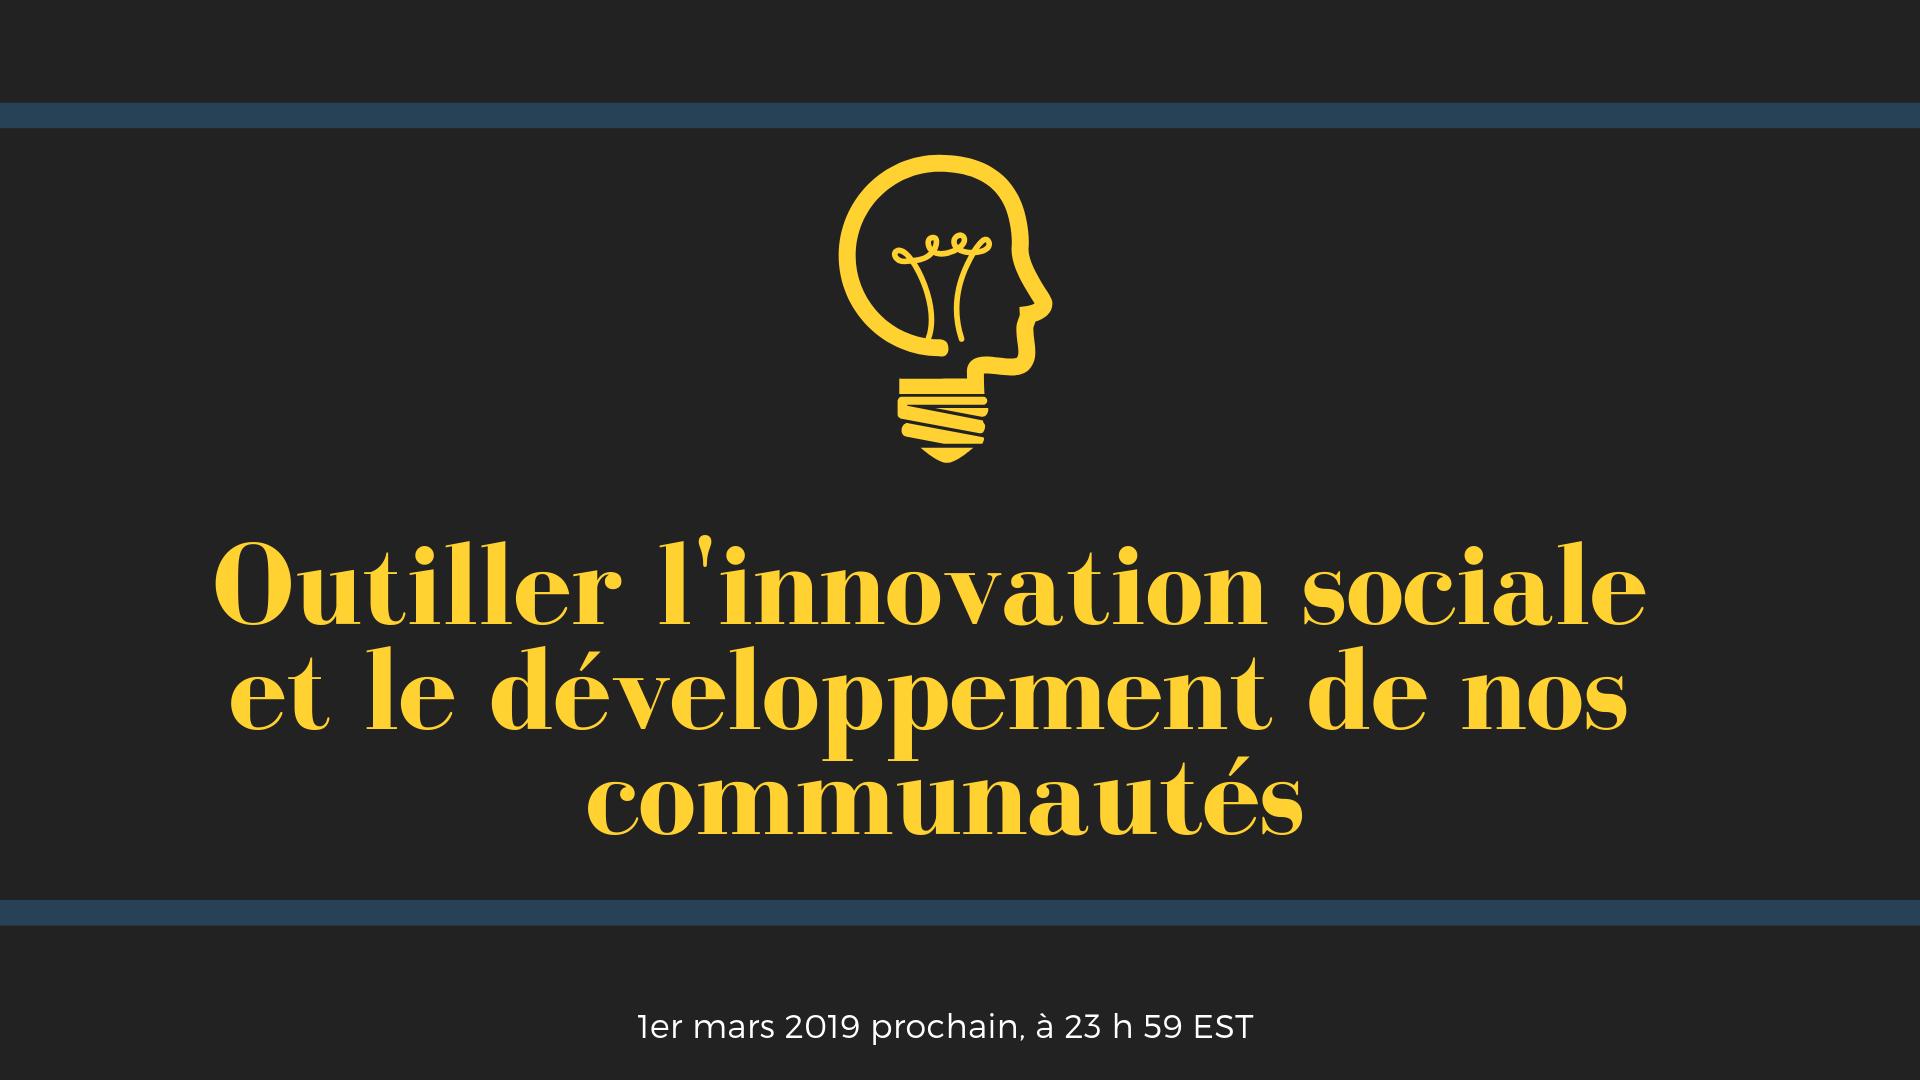 Outiller_l'innovation_sociale_et_le_développement_de_nos_communautés.png